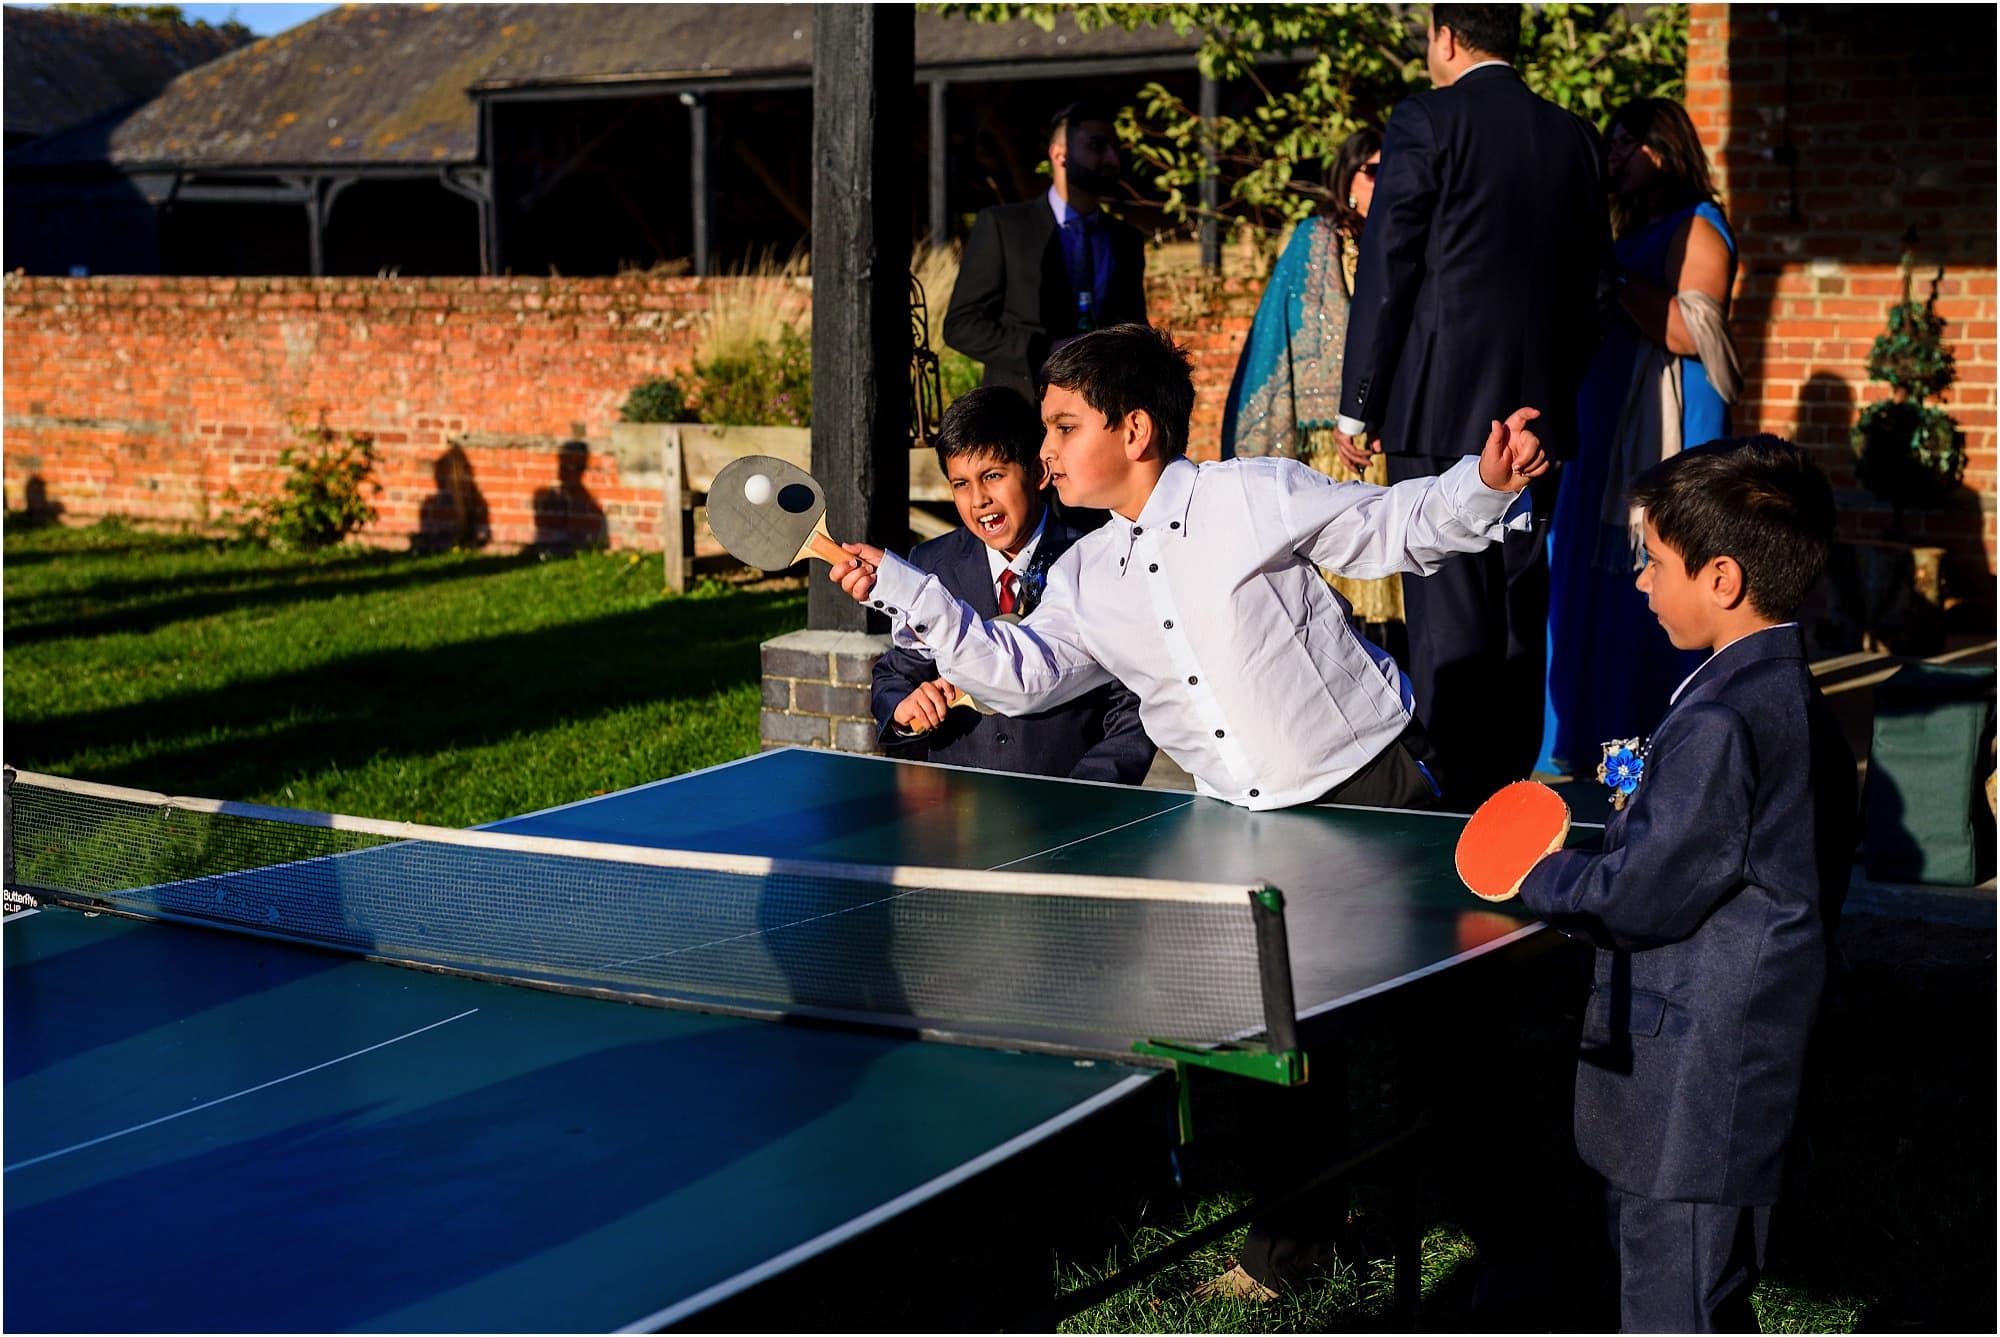 Kids enjoying table tennis